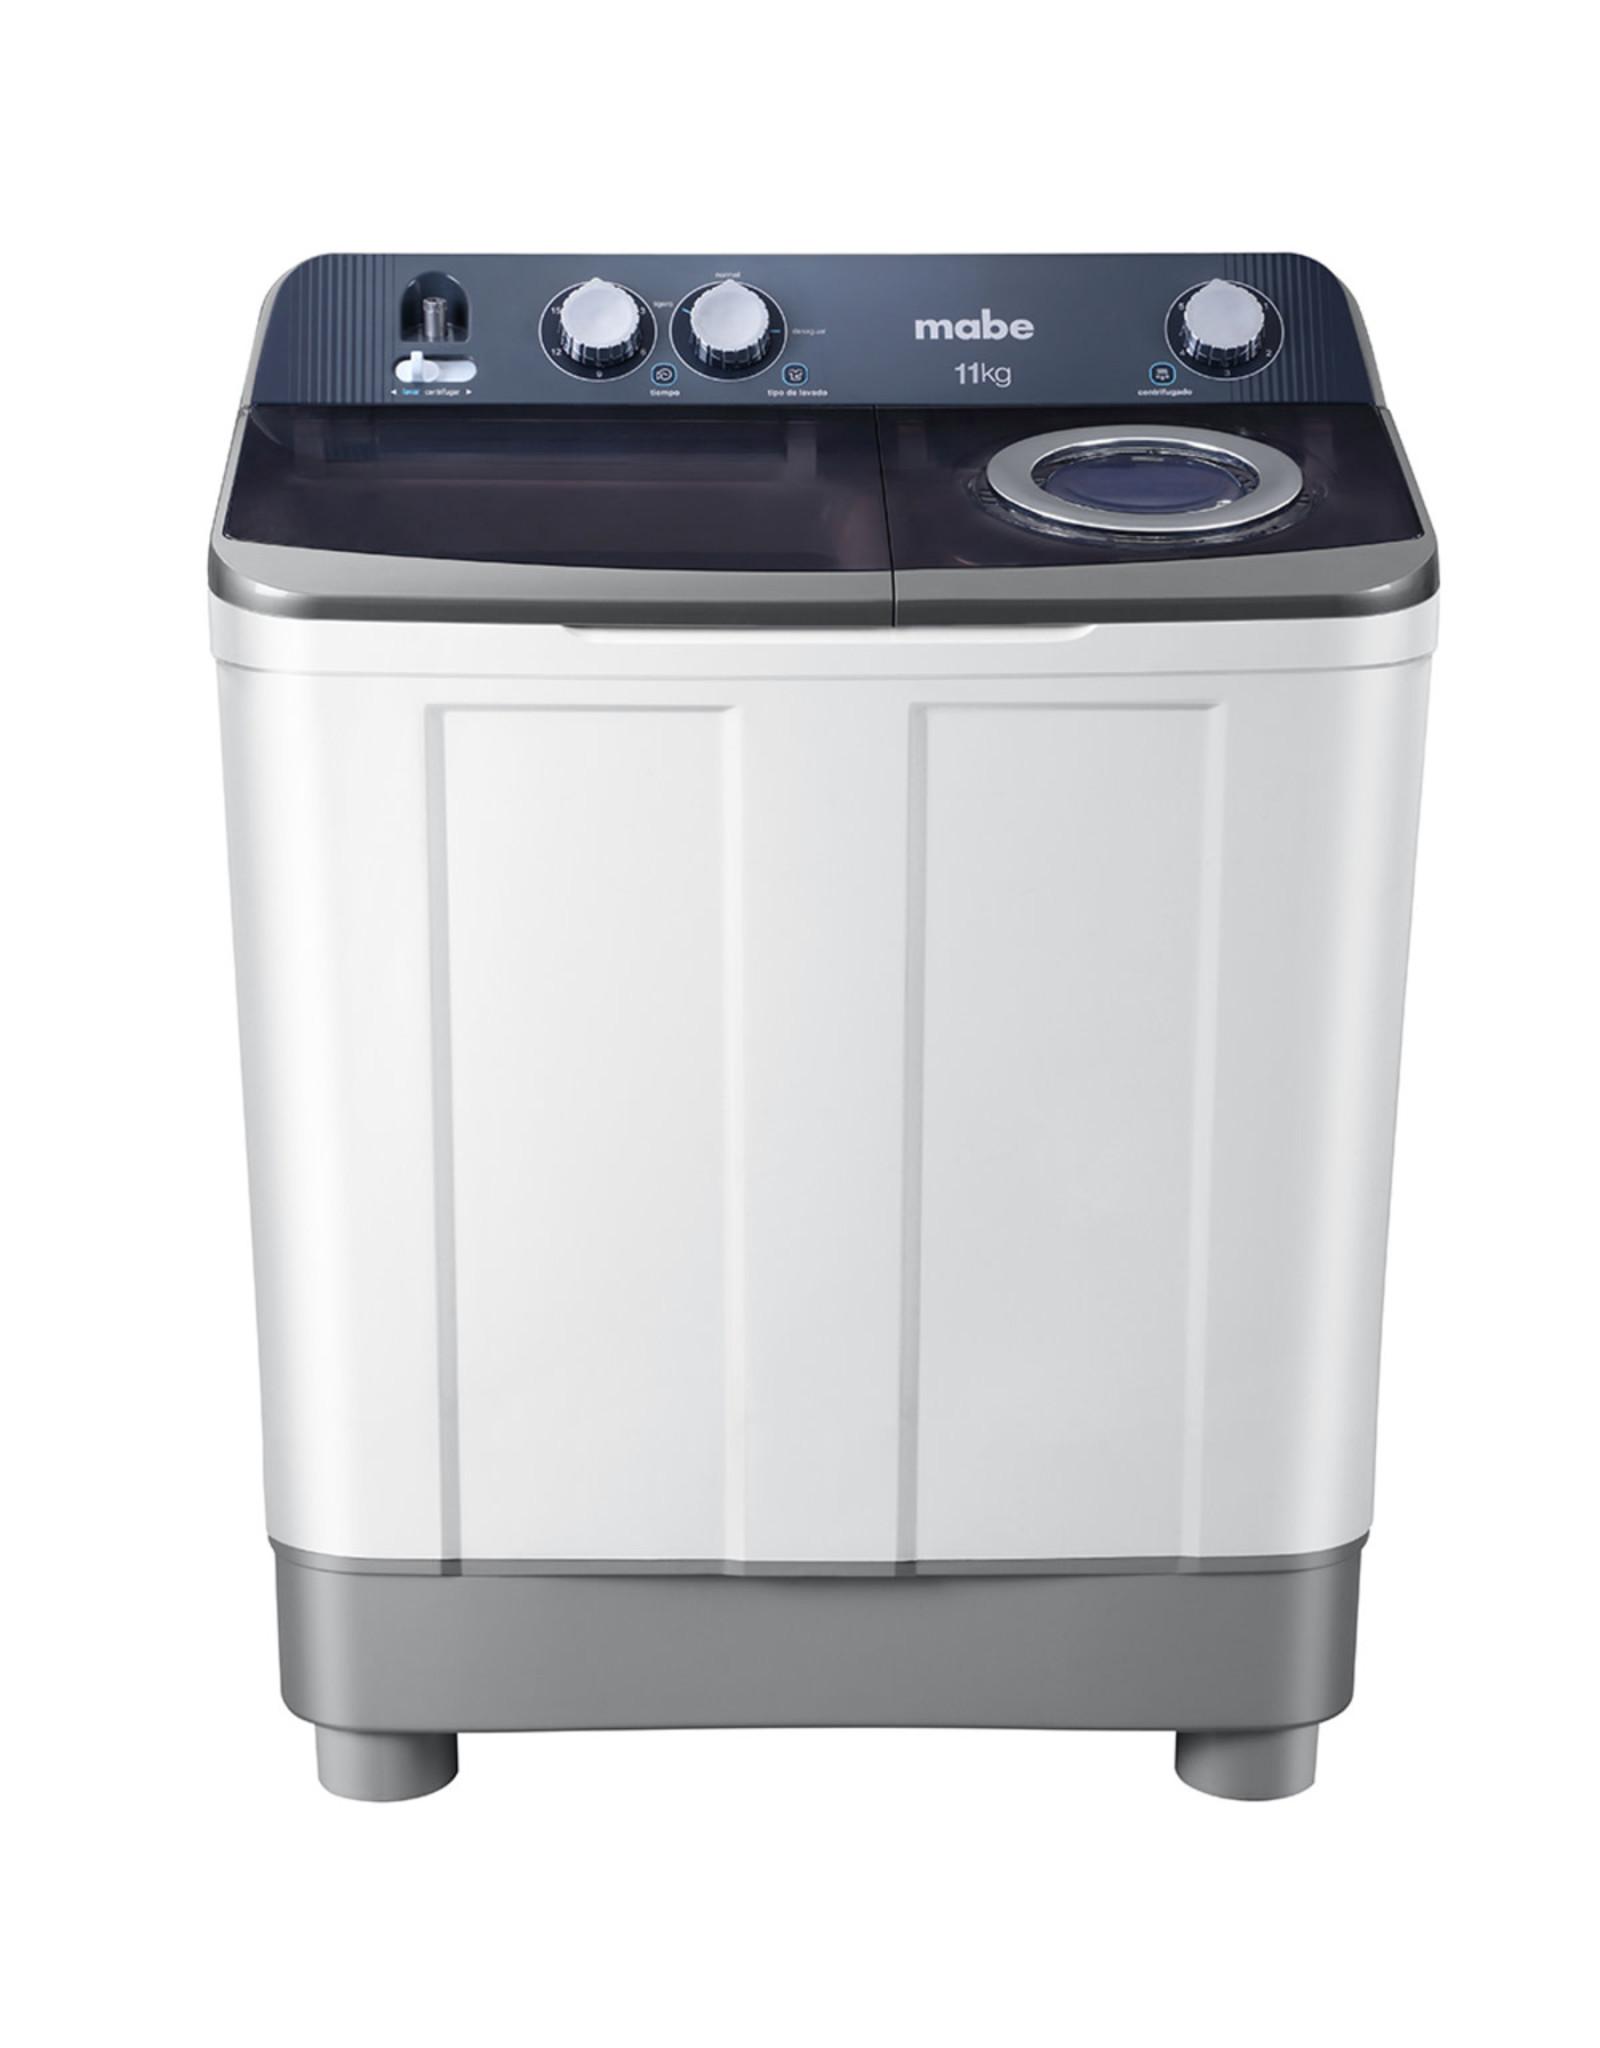 Mabe Mabe Washing Machine  11kg LMD1123PBAB0